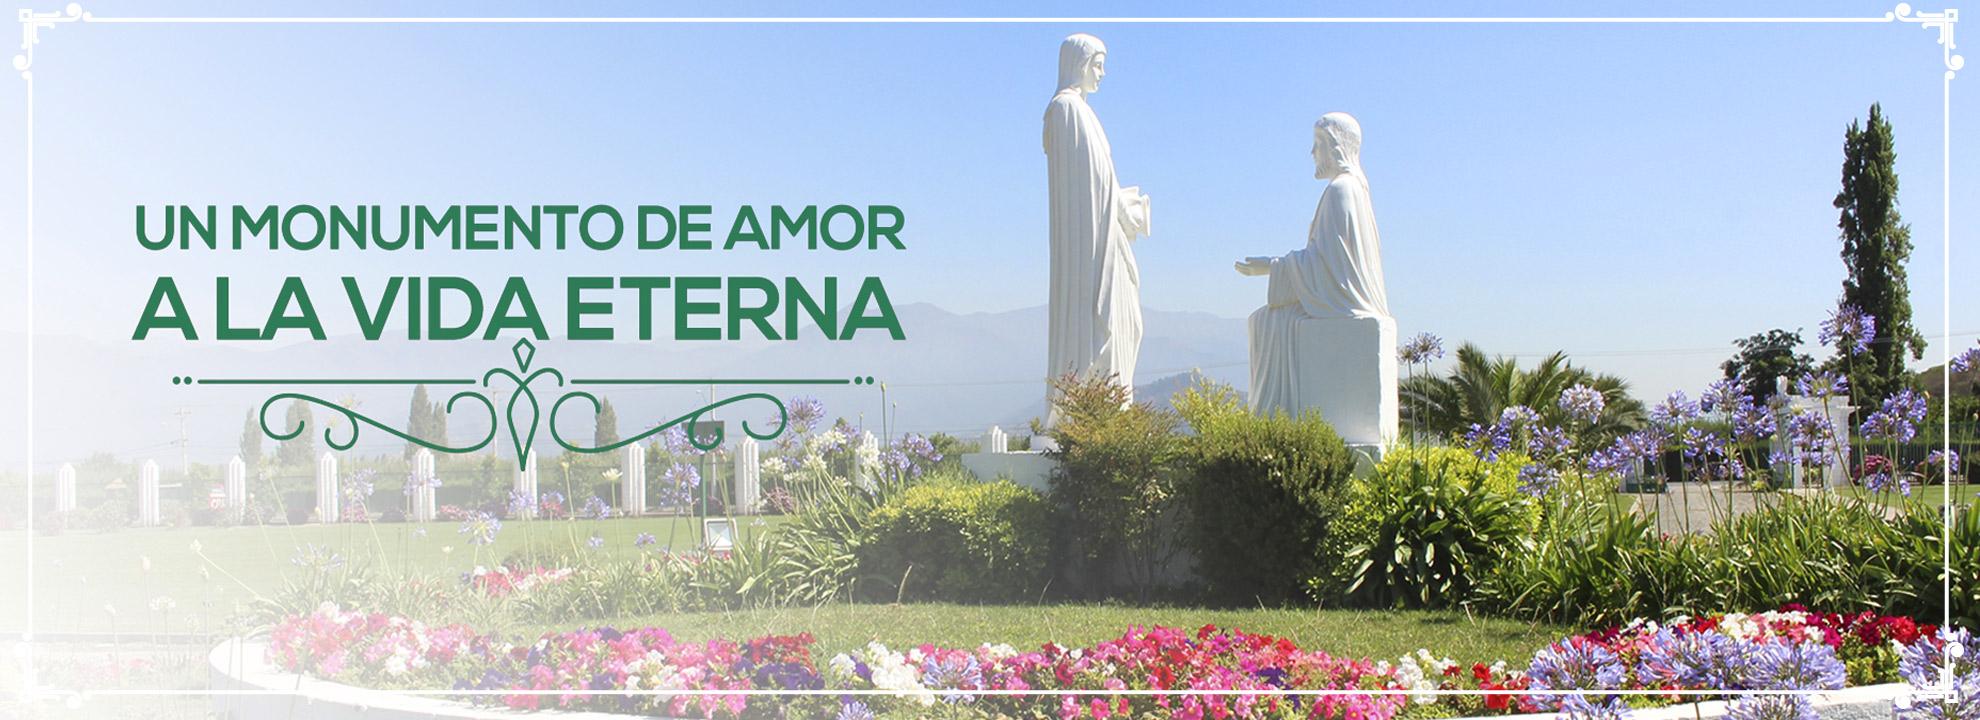 Parque Jardín Las Flores